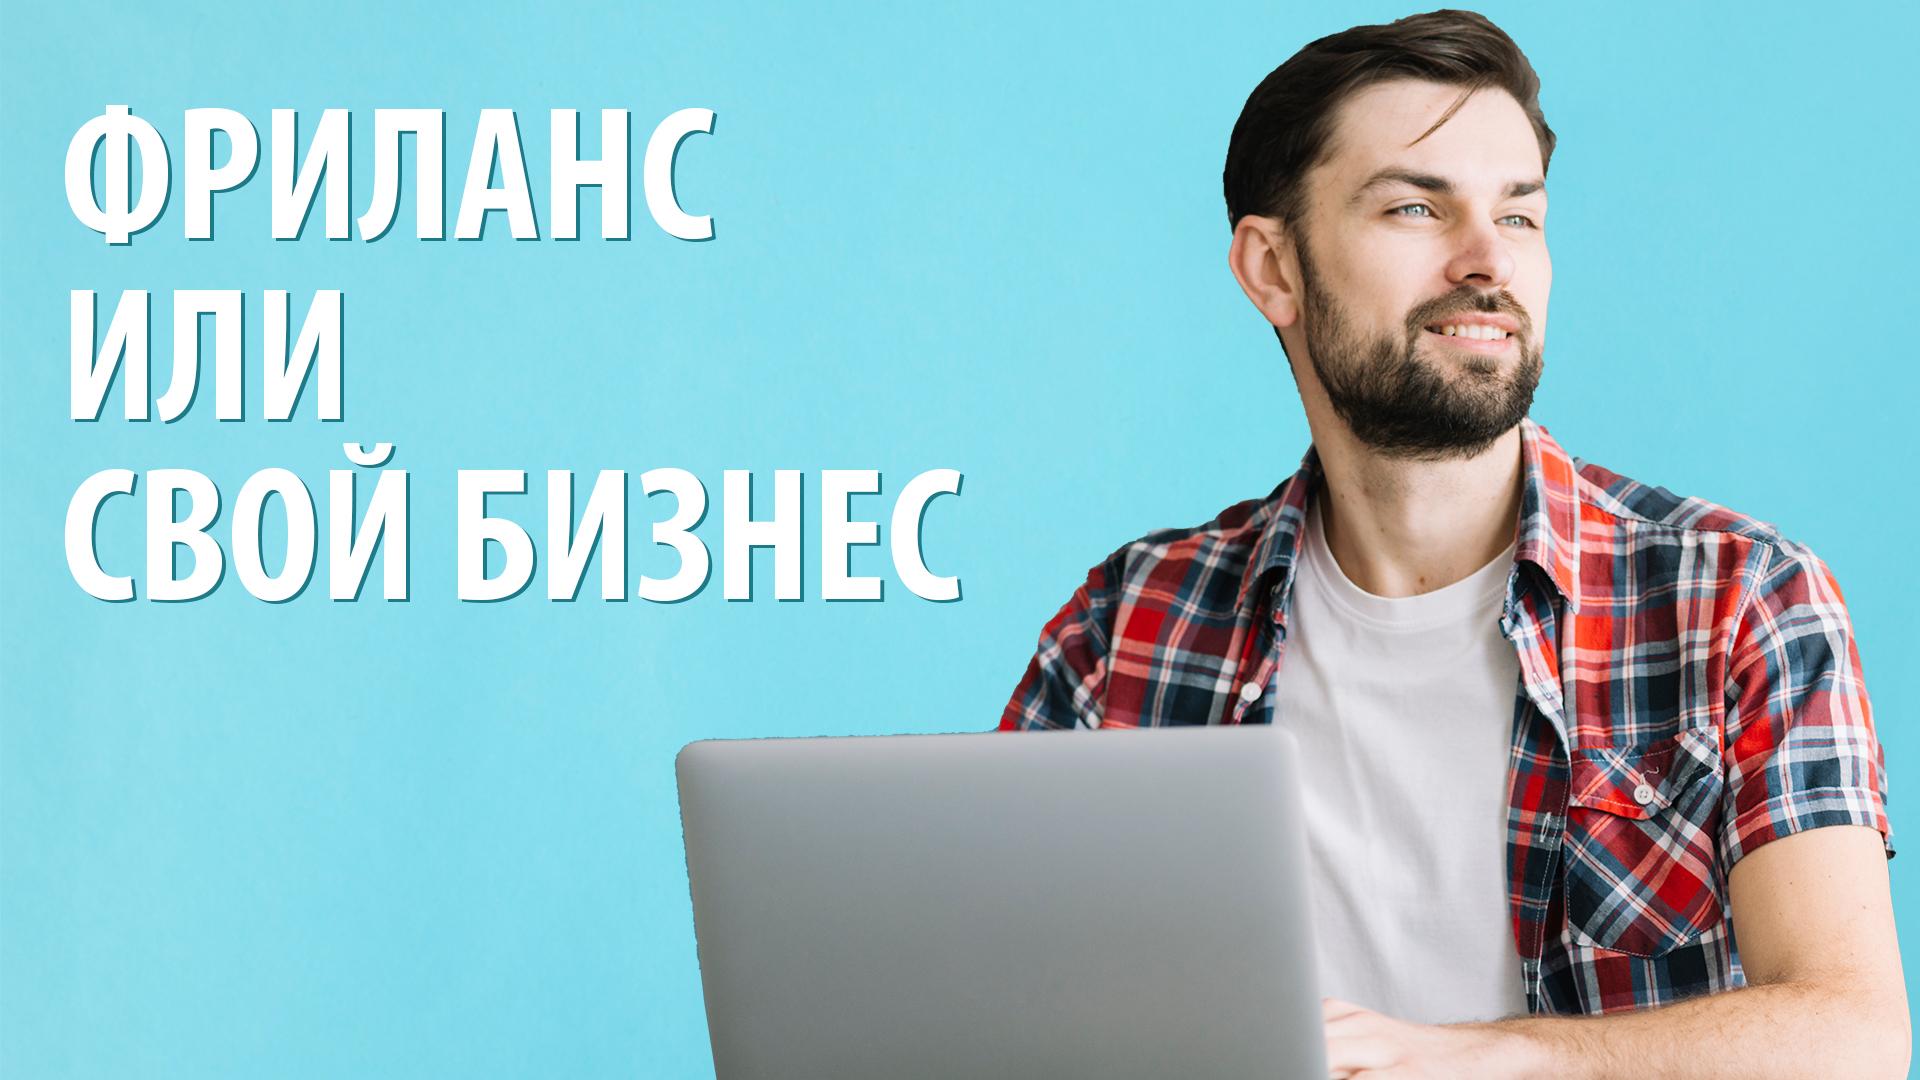 Вакансия фрилансера на дому челябинск работа удаленный доступ красноярск